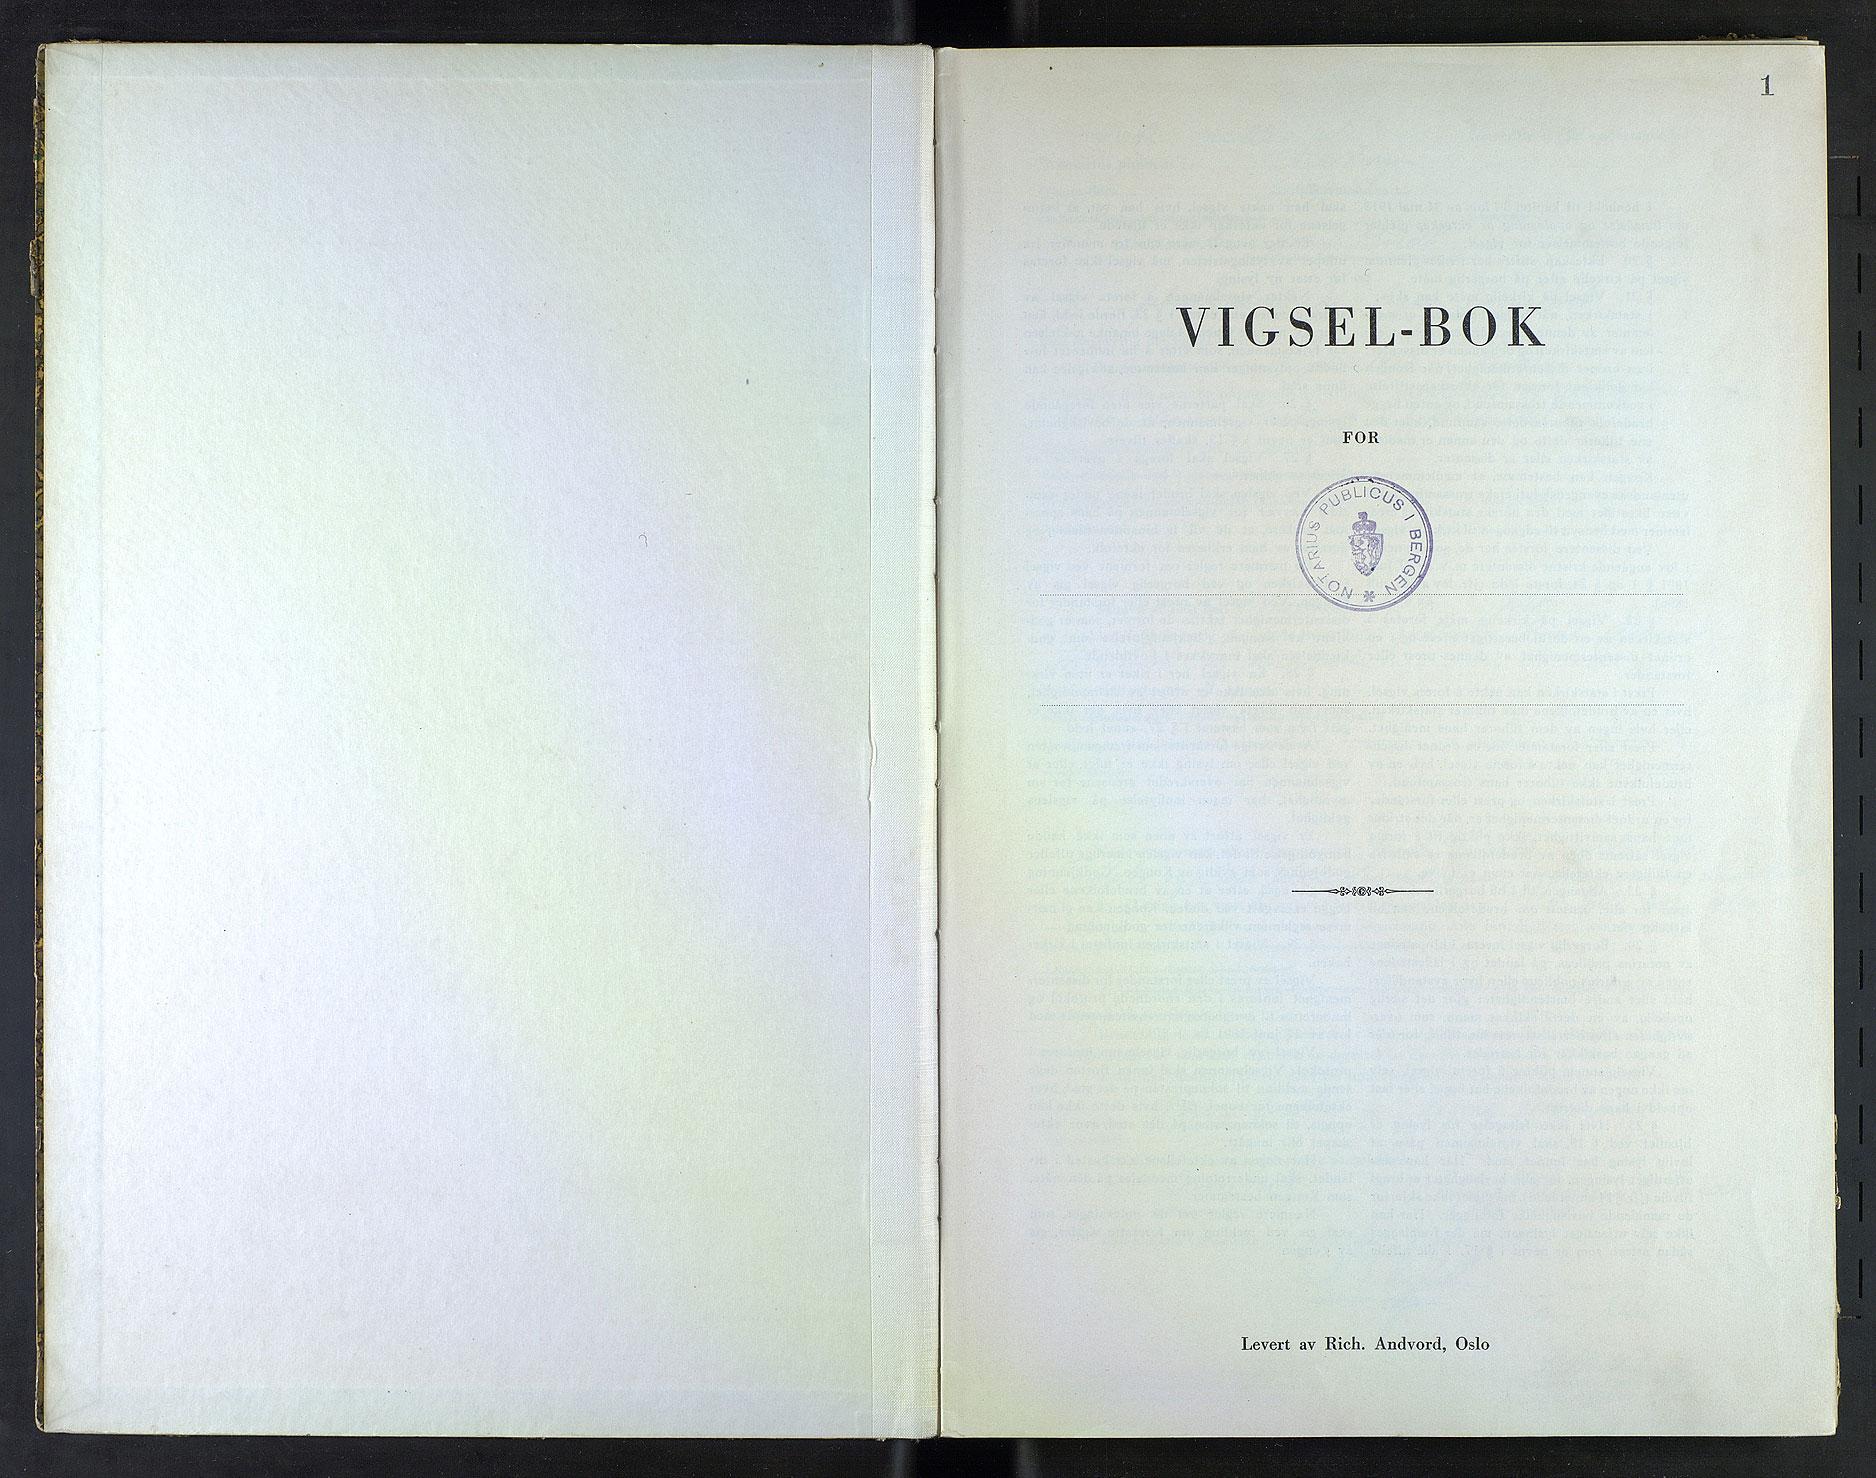 SAB, Byfogd og Byskriver i Bergen, 10/10F/L0022: Vielsesprotokoller, 1942, s. 1